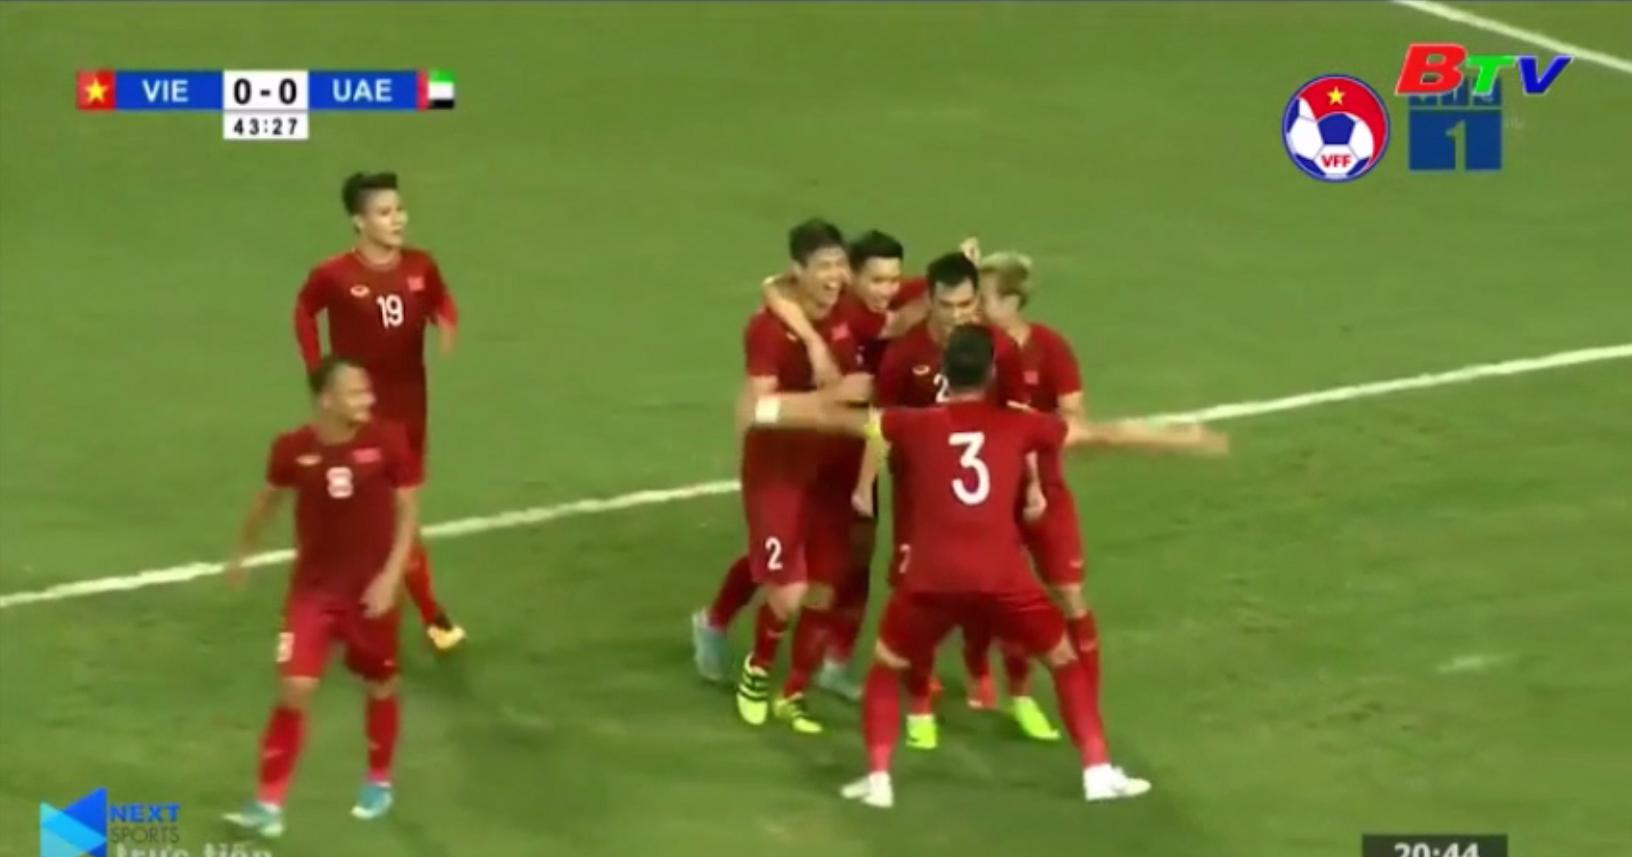 Vòng loại thứ 2 World Cup 2022 khu vực châu Á - ĐT Việt Nam vươn lên dẫn đầu bảng G